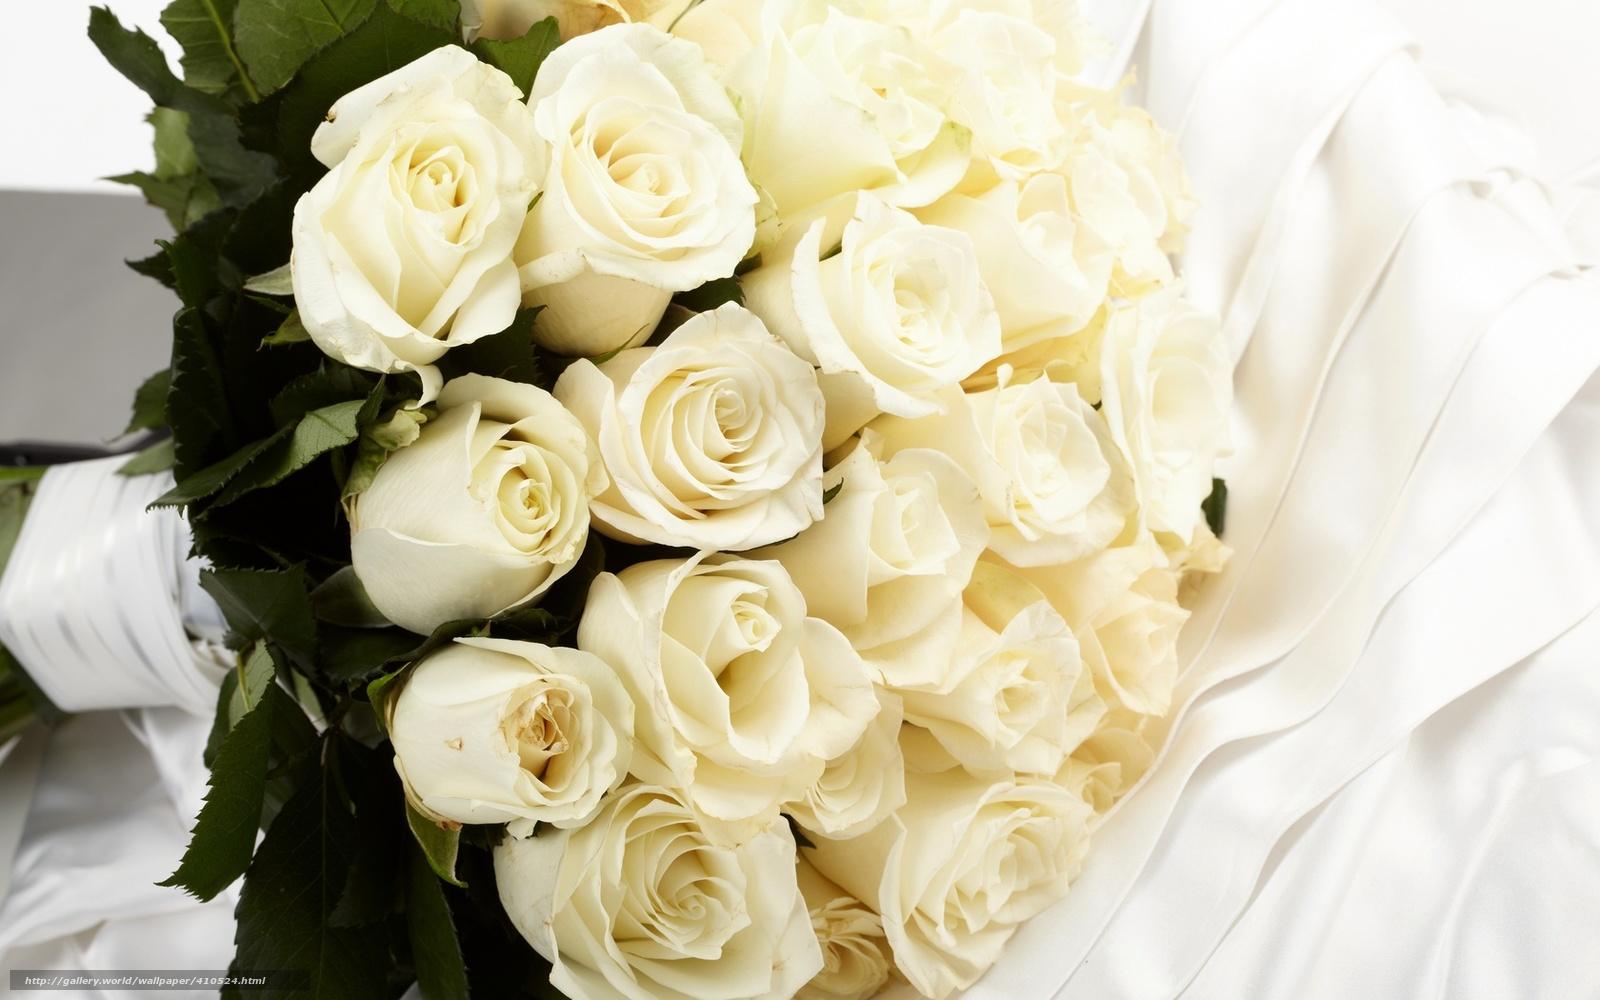 популярны женские ірина білик белие рози иногда такие